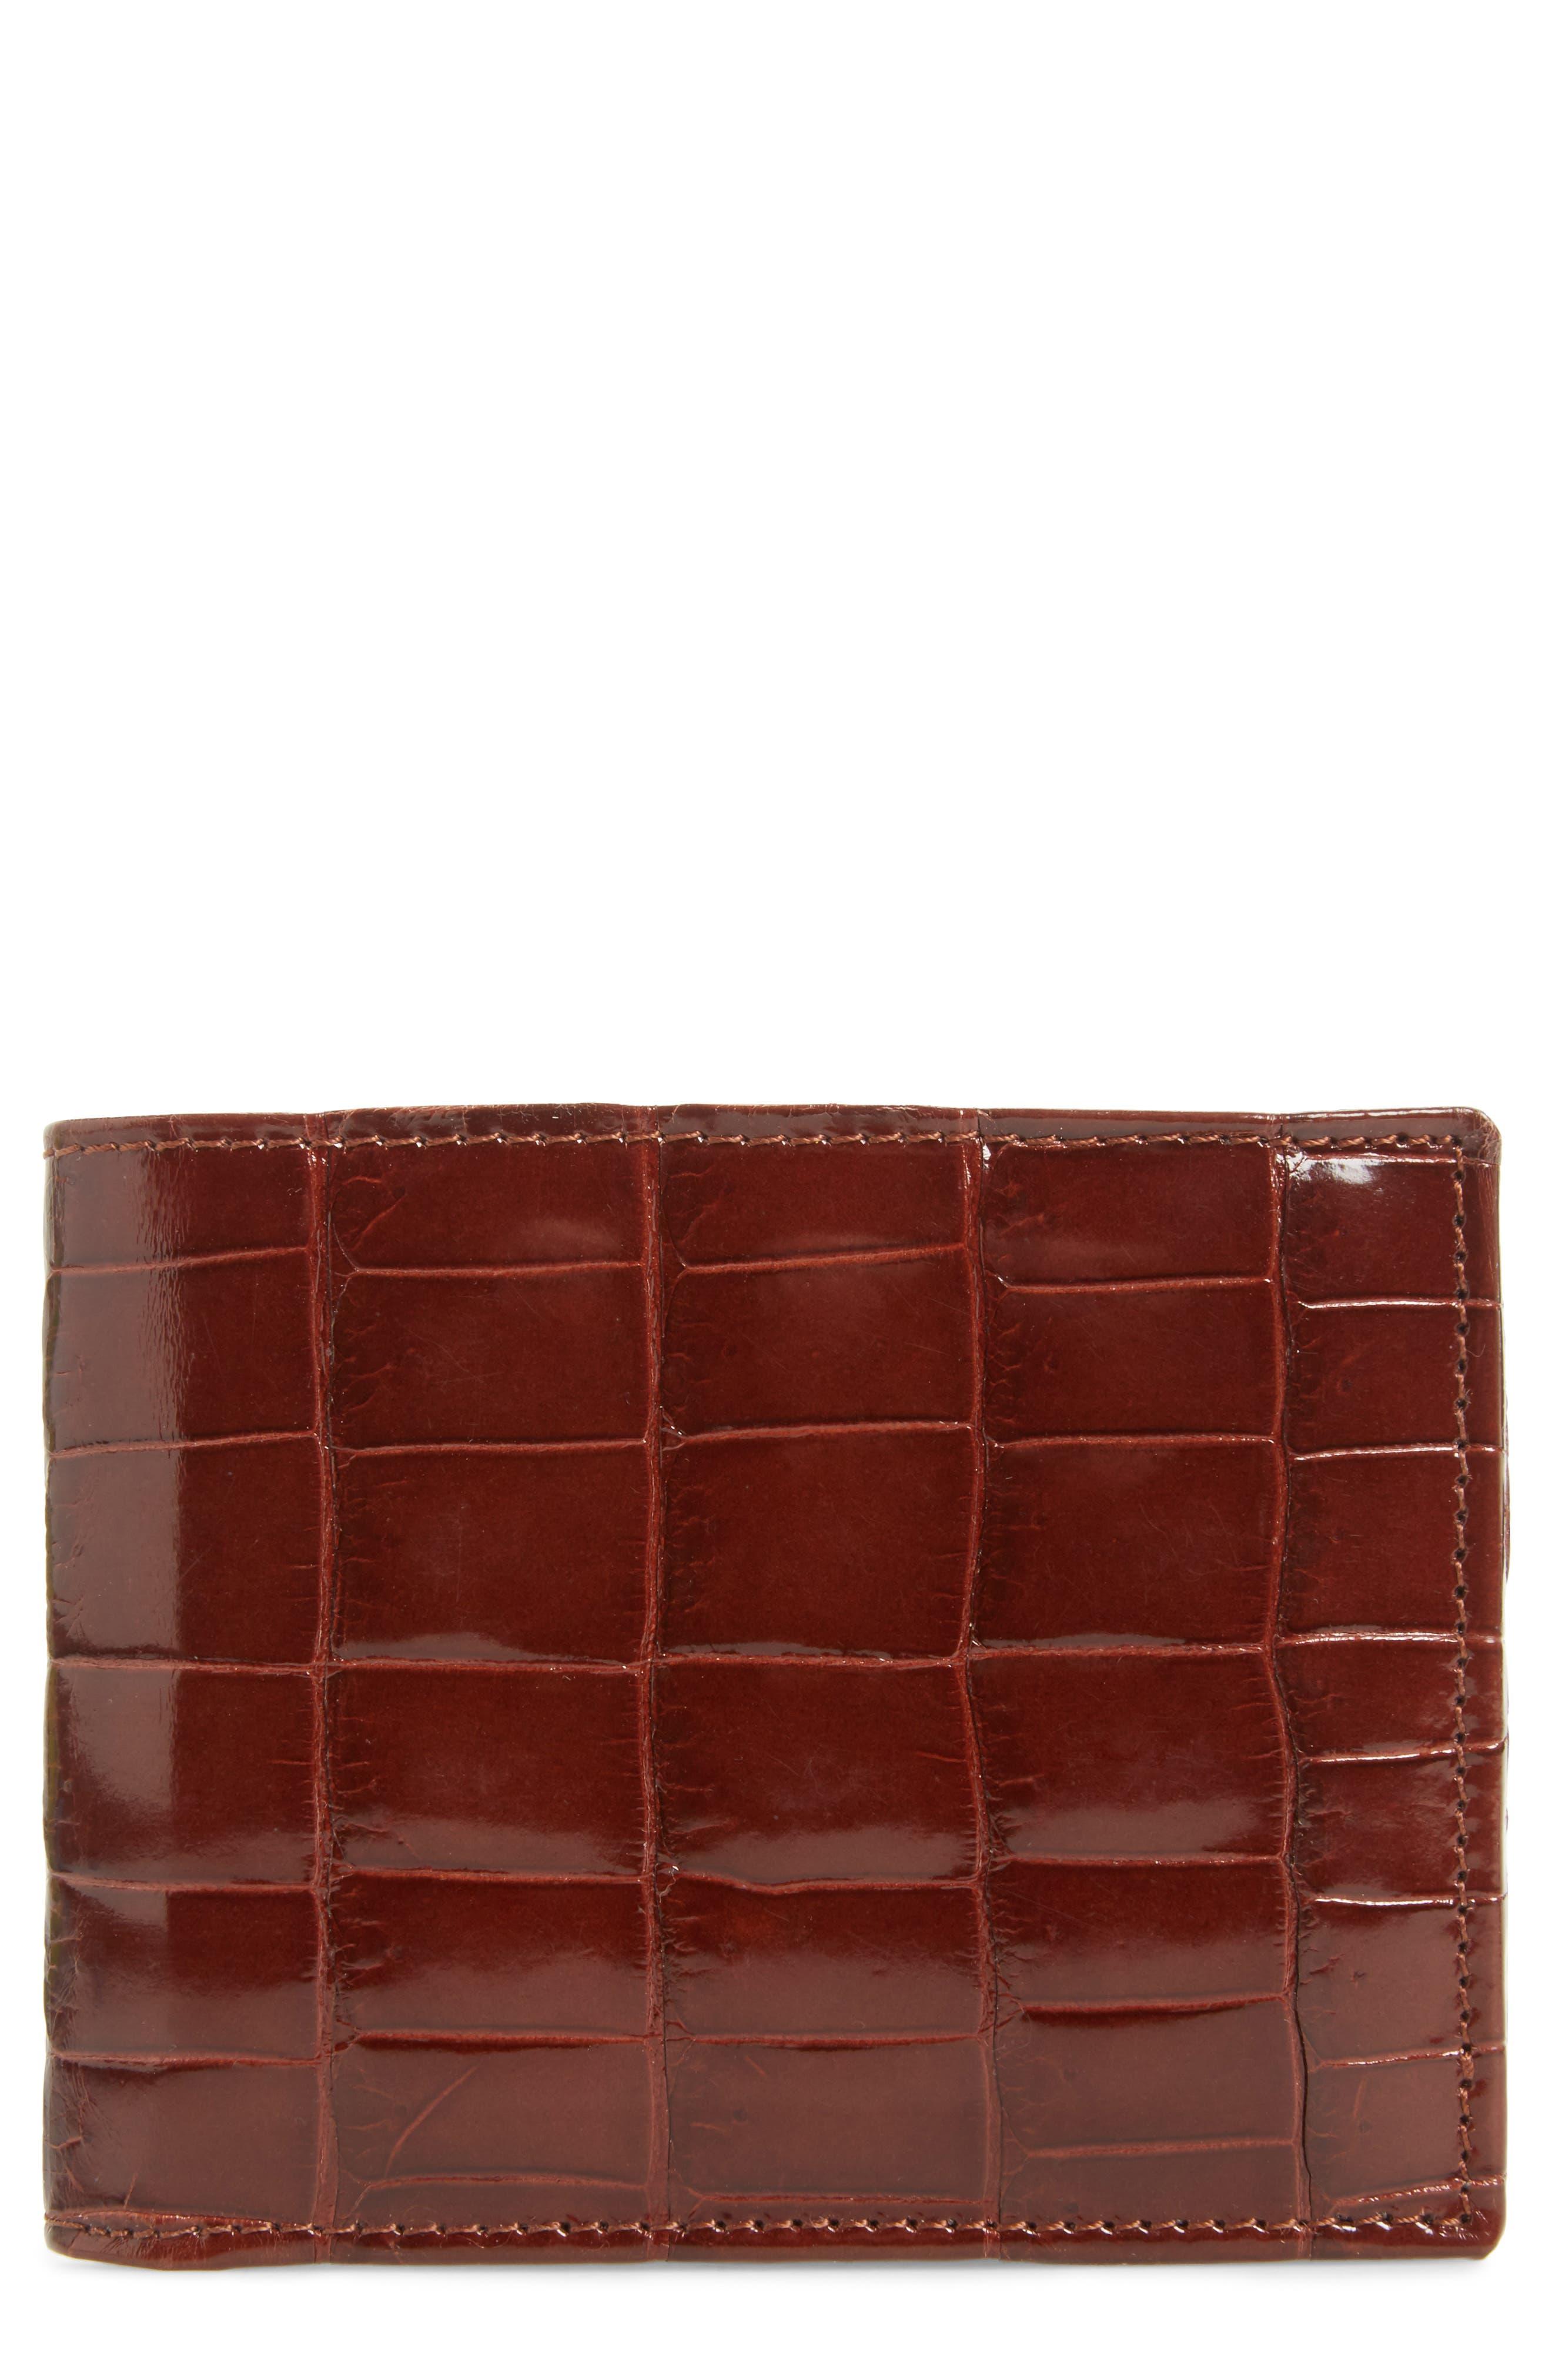 Alligator Leather Bifold Wallet,                         Main,                         color, SPORT